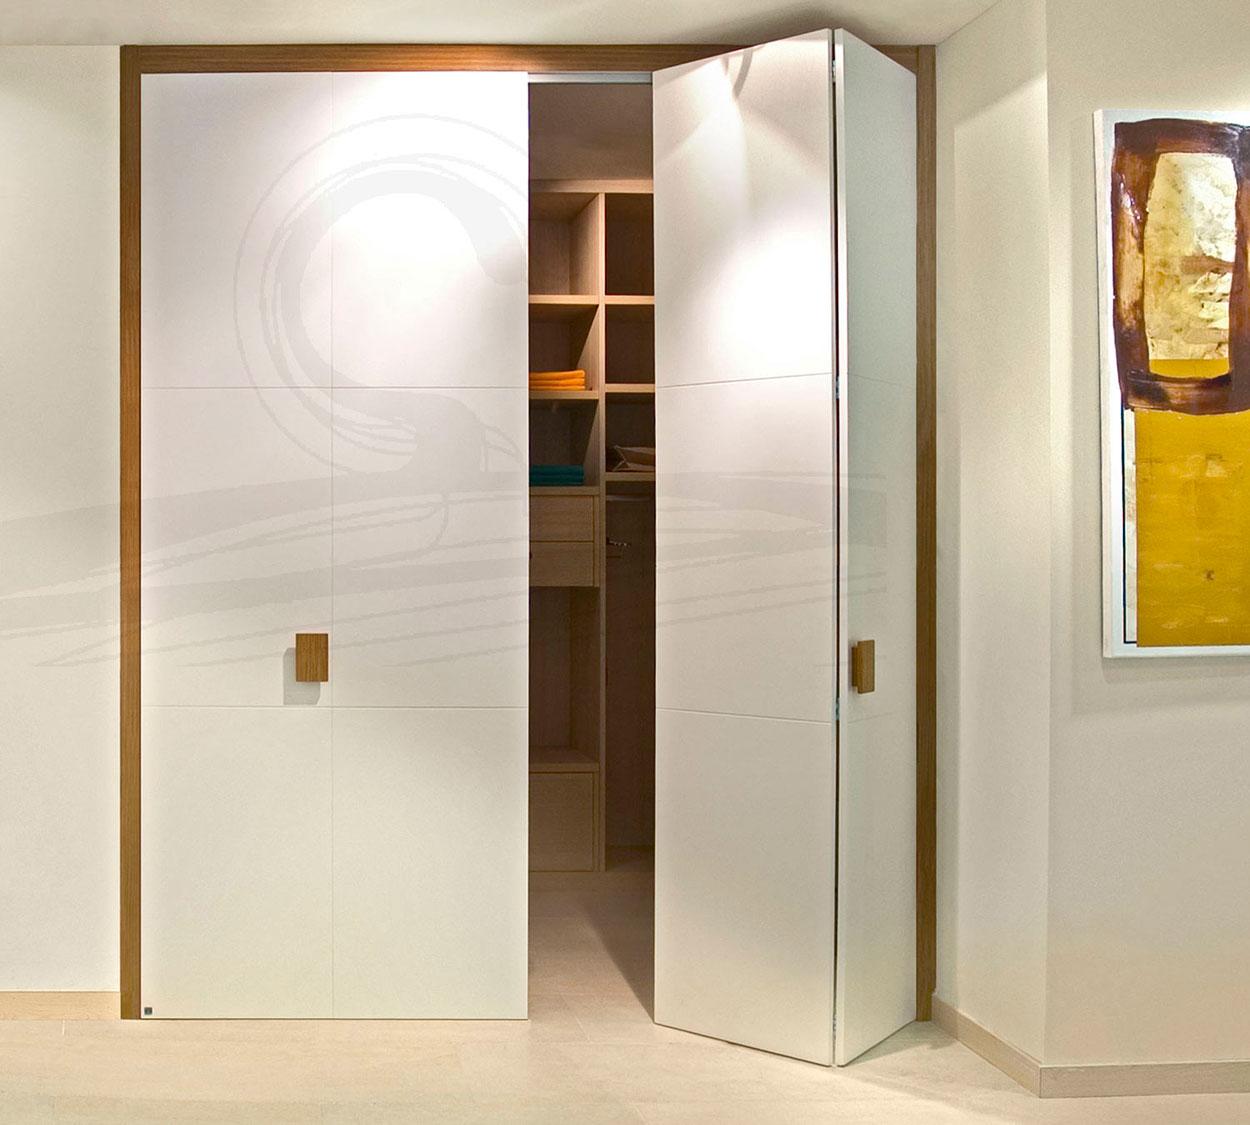 Puertas correderas a coru a puertas rototraslantes - Puertas plegables de aluminio ...